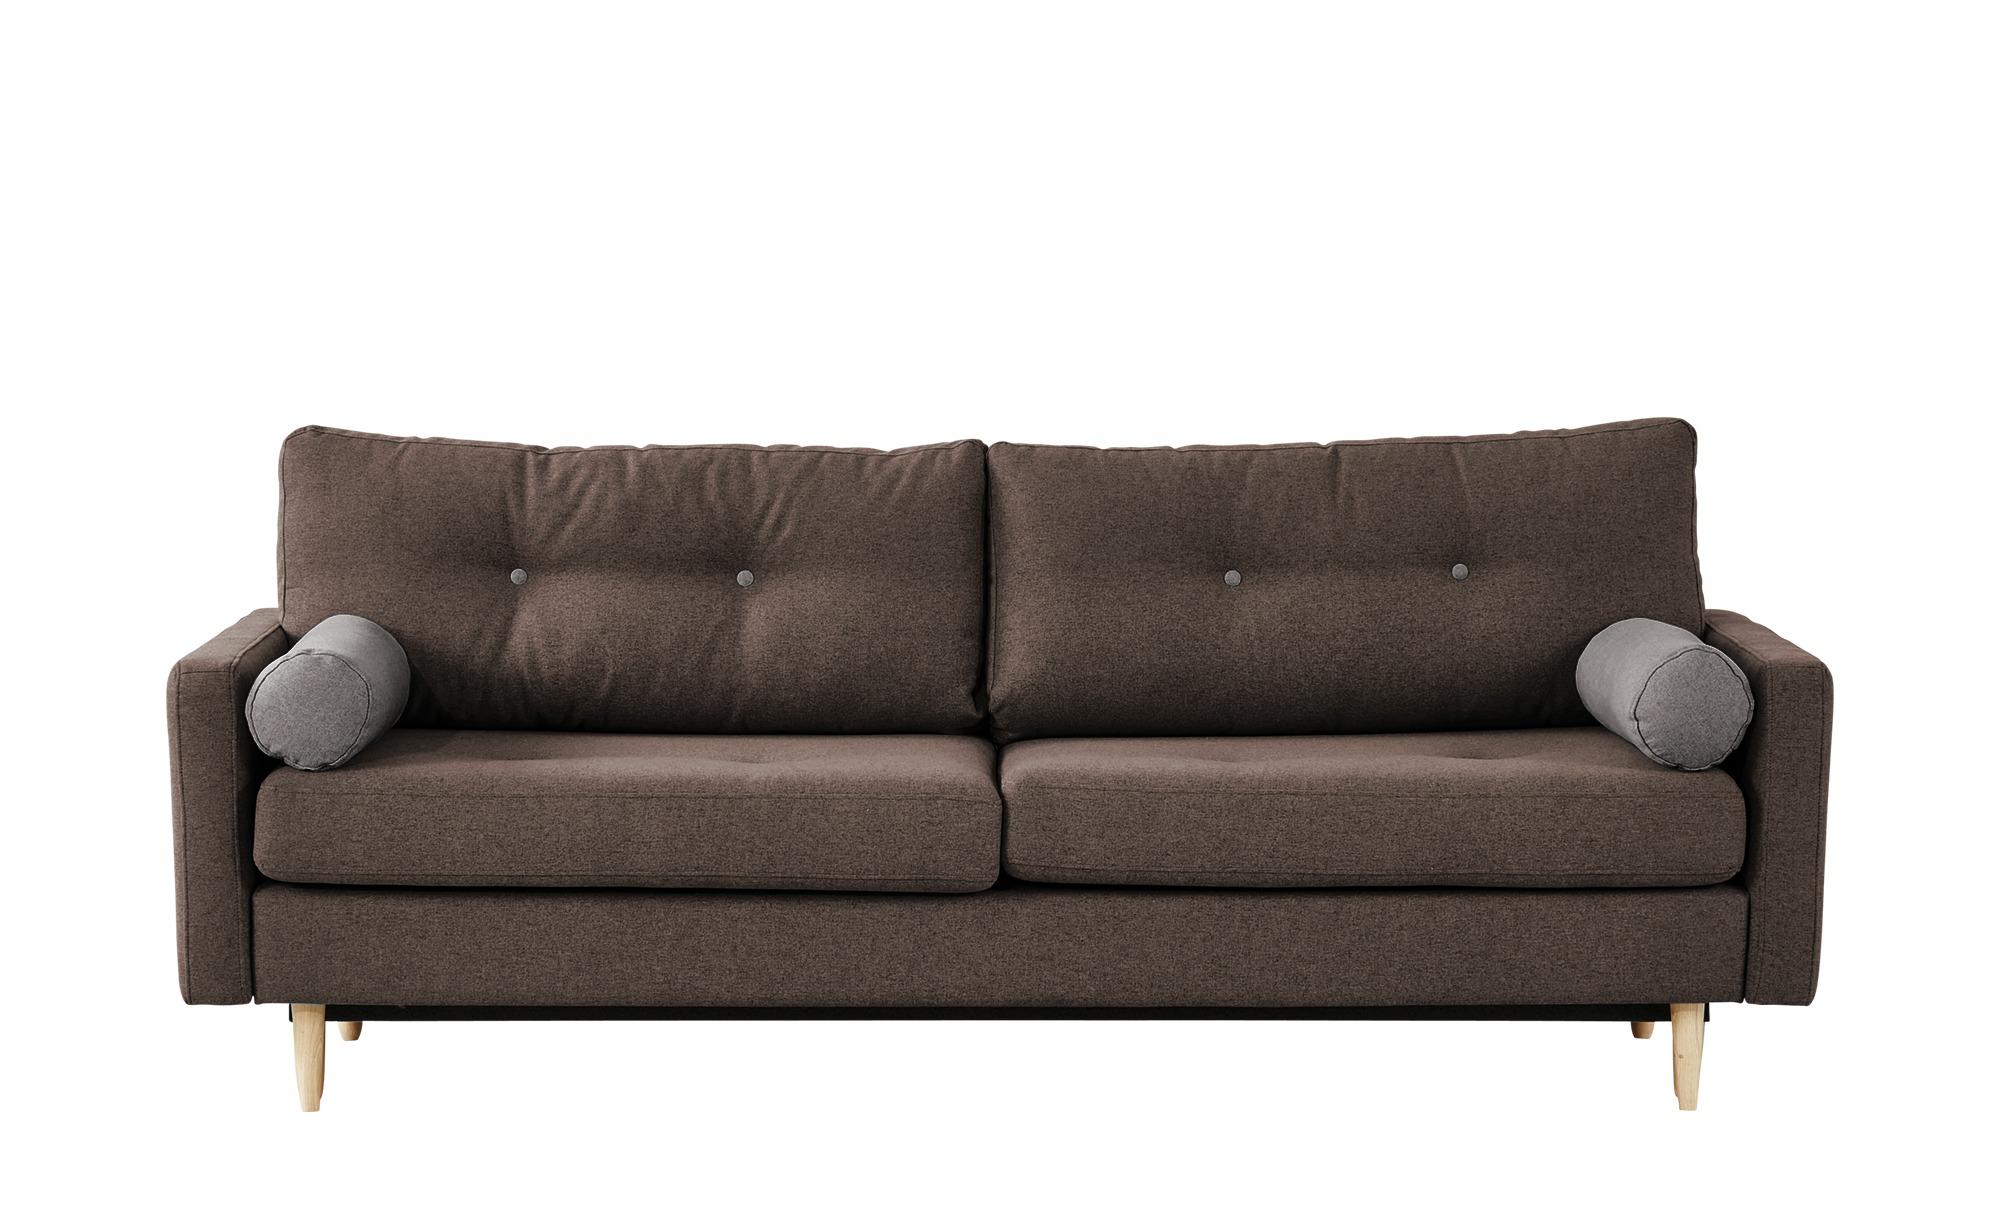 finya Design-Schlafsofa 3-sitzig braun - Webstoff Pure ¦ Maße (cm): B: 218 H: 85 T: 93 Polstermöbel > Sofas > 3-Sitzer - Höffner